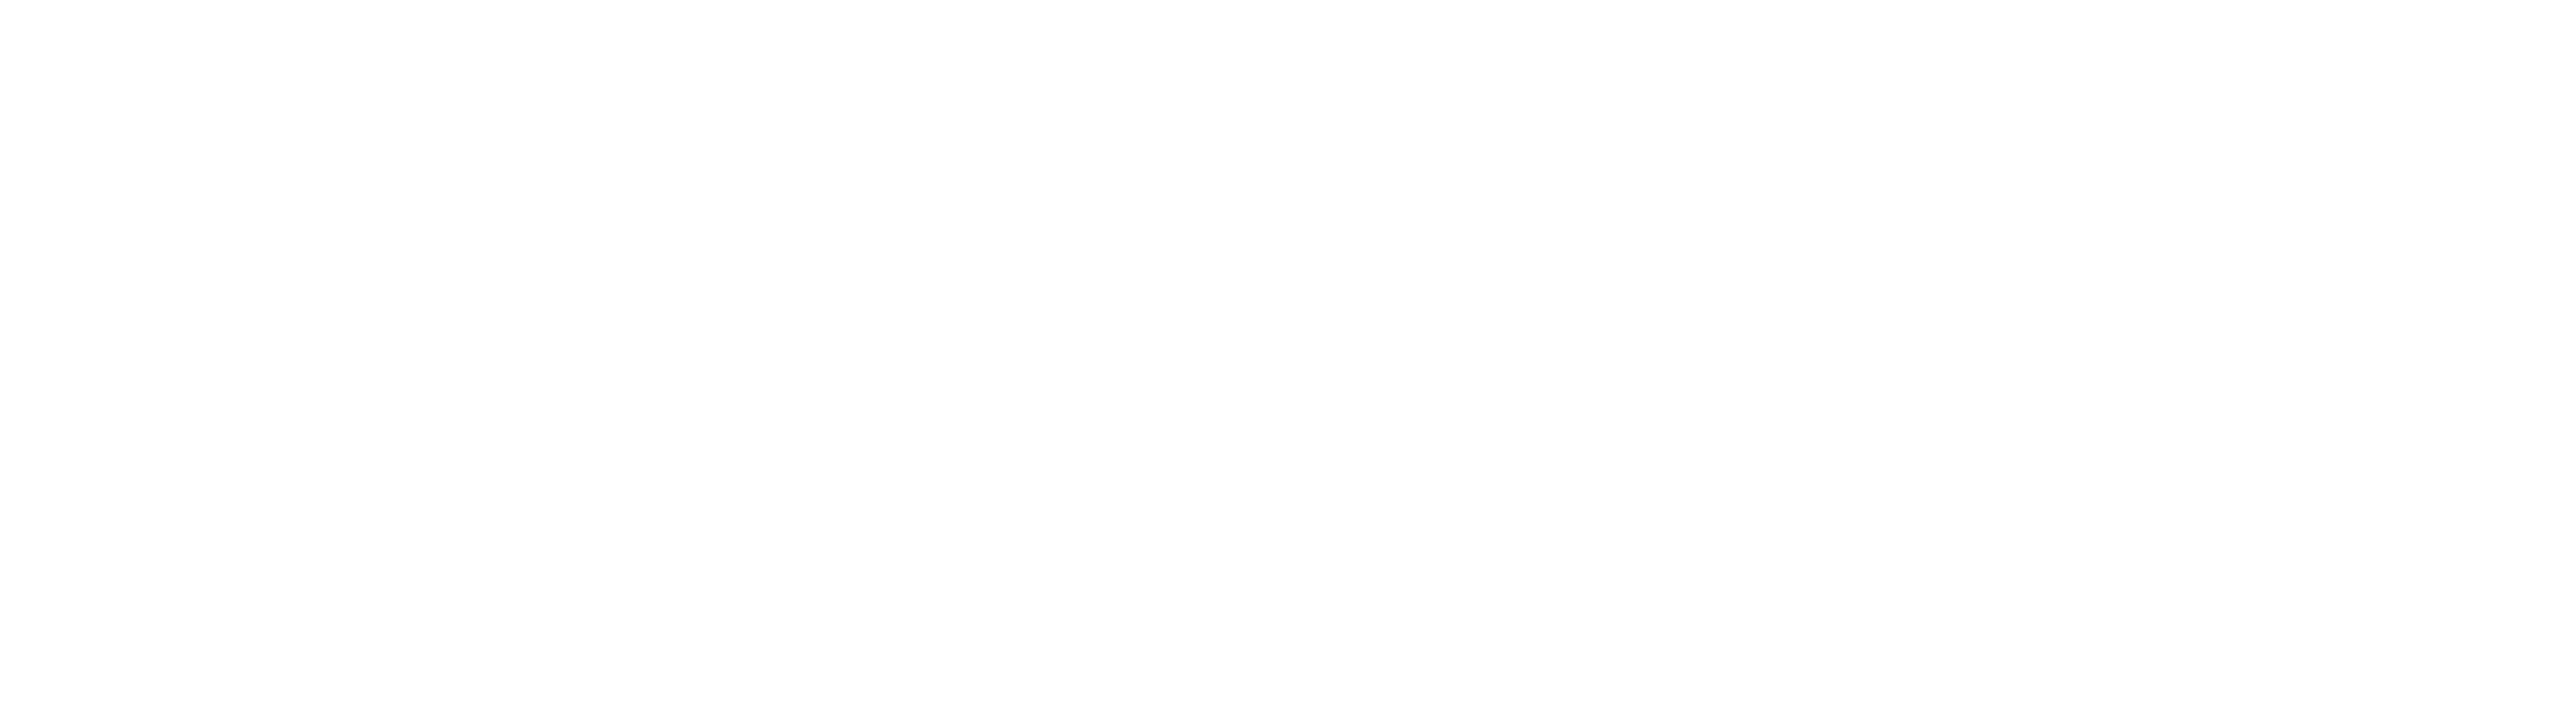 Radien™